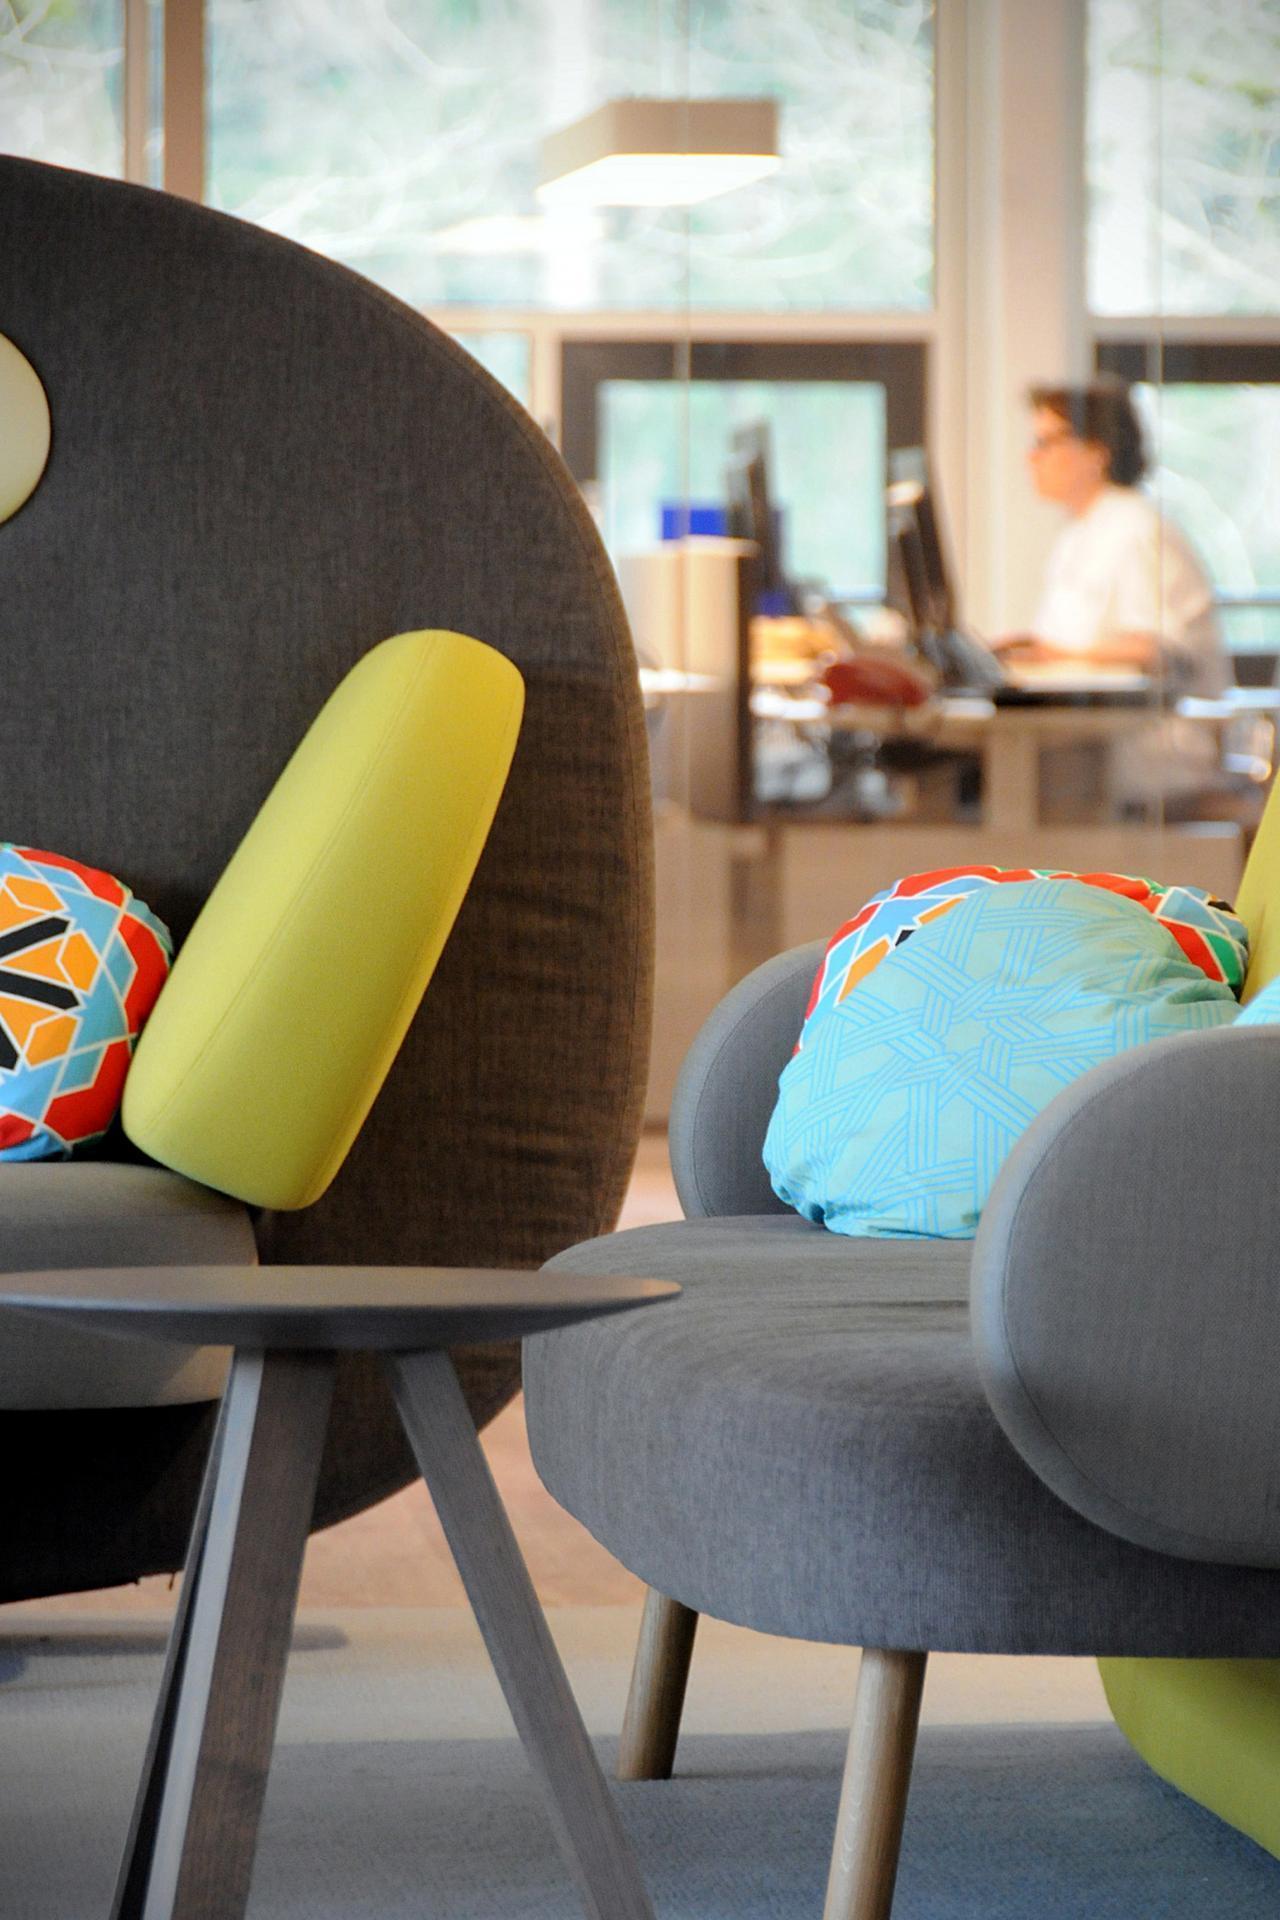 Дизайнерские диваны с яркими подушками в клинике имени Александра Монро